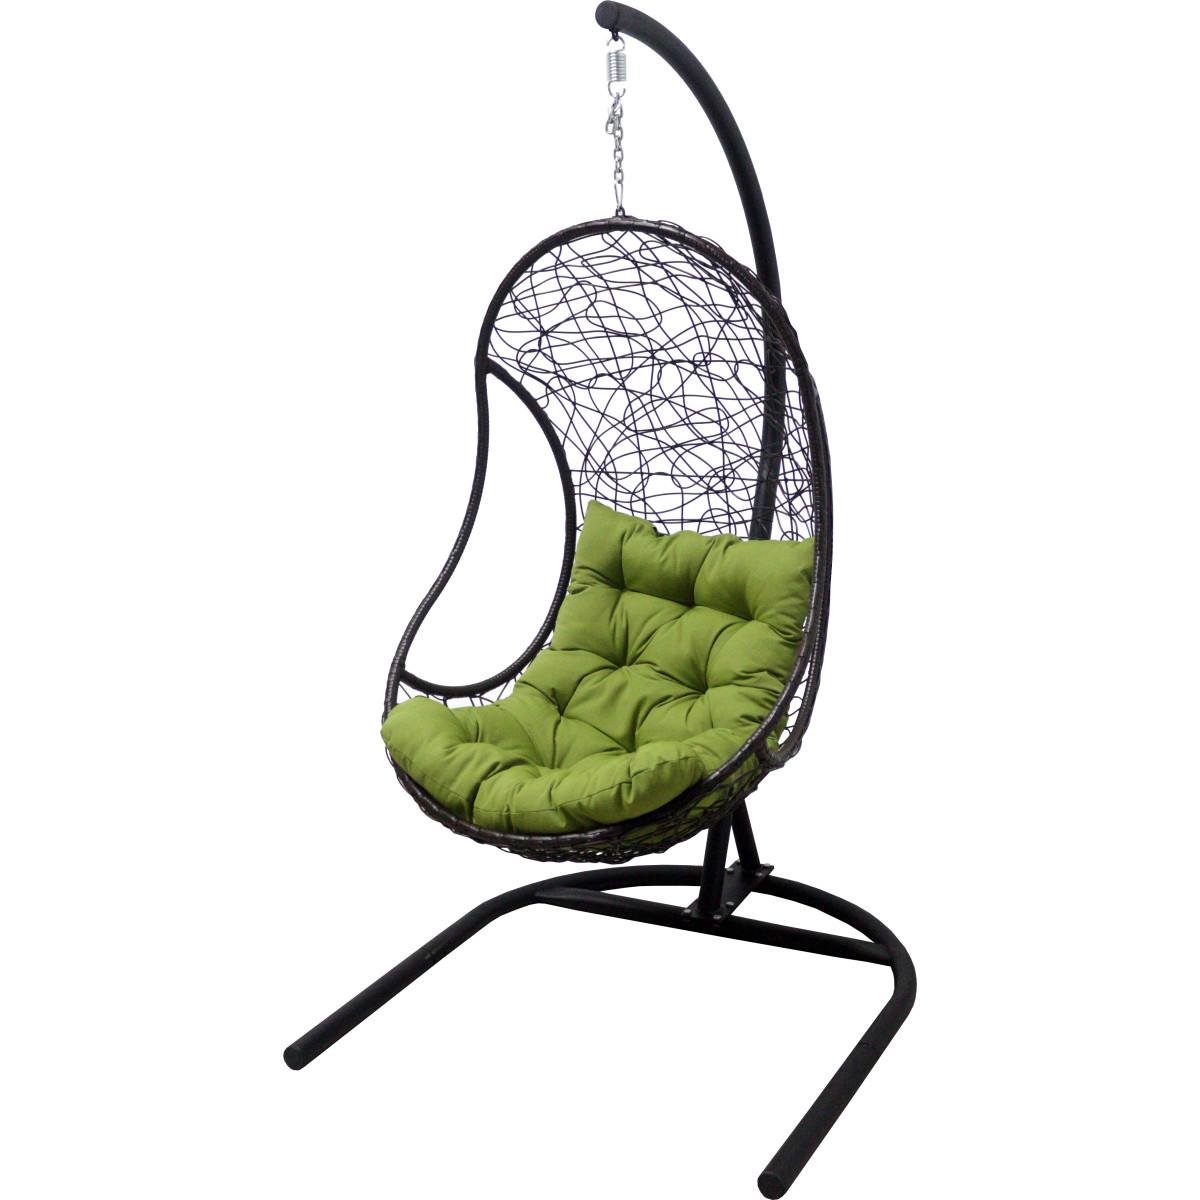 Кресло подвесное с опорой Bliss 102x200x126 см искусственный ротанг темно-коричневый/оливковый